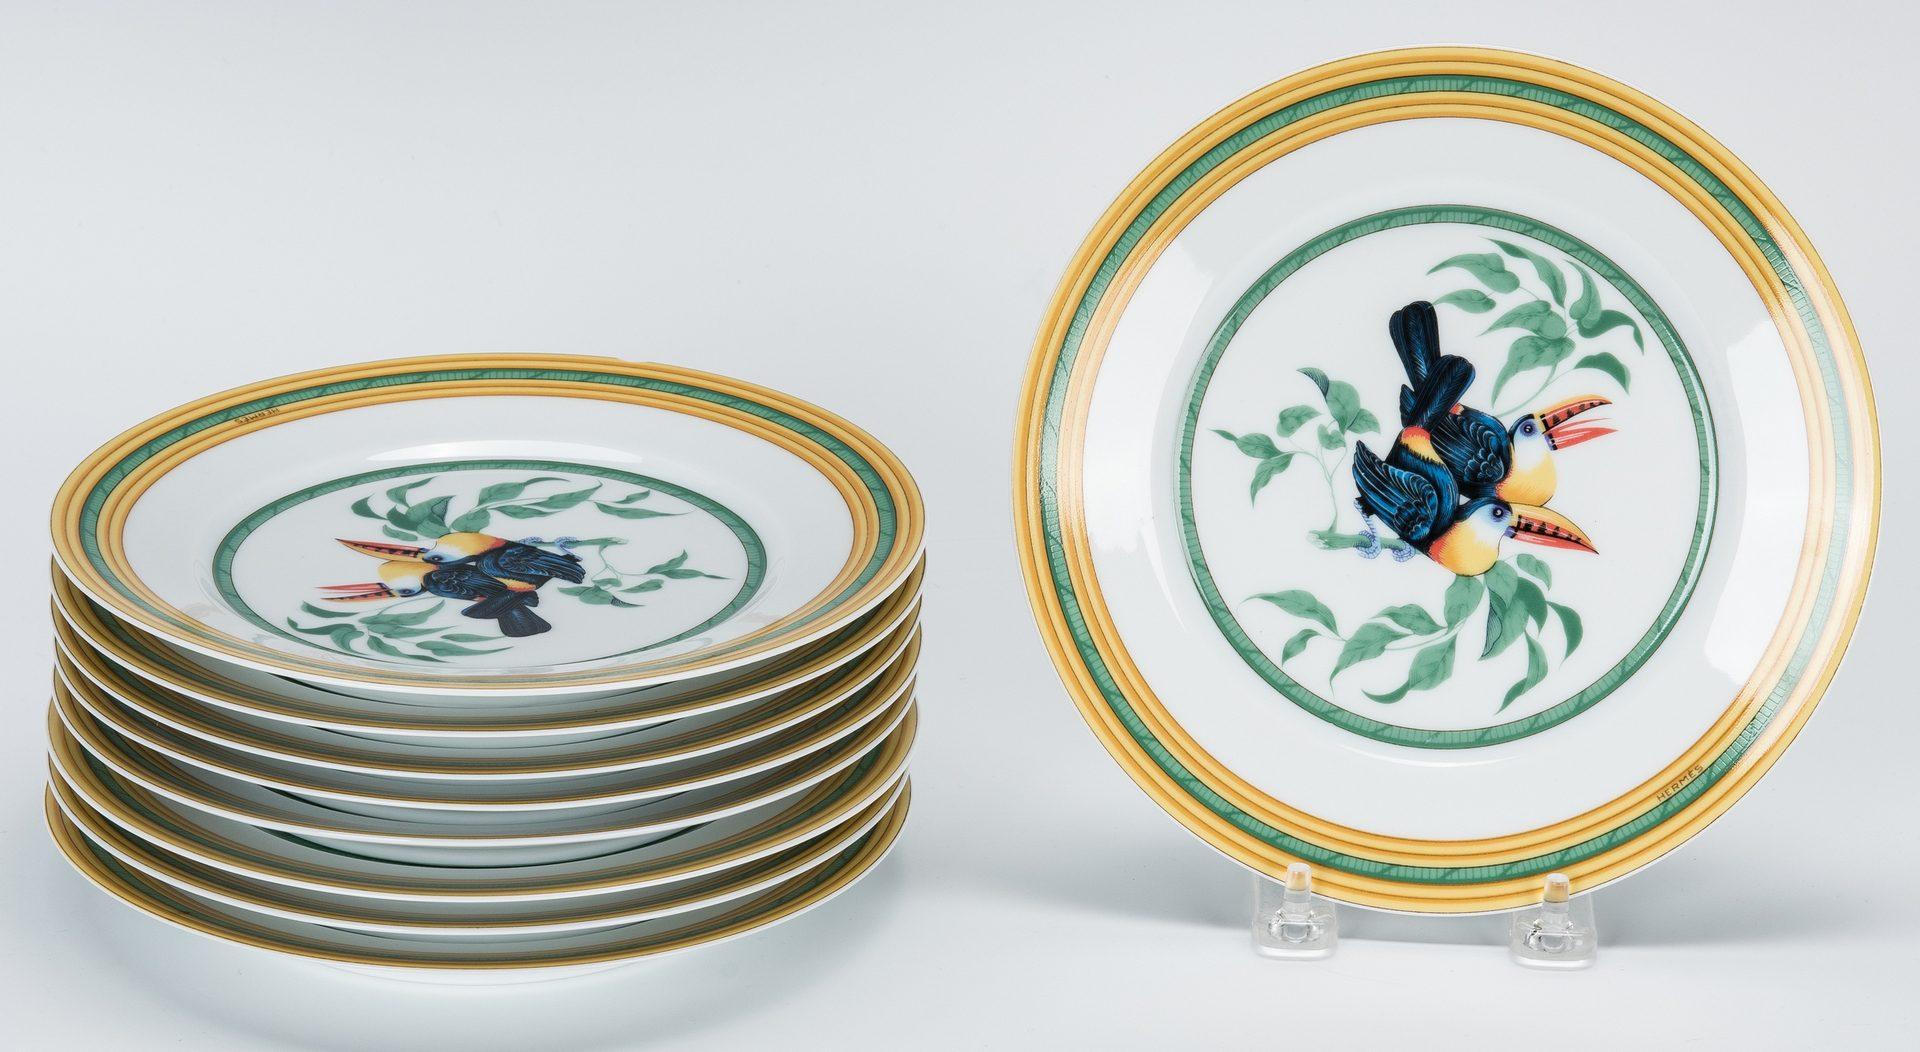 Lot 260: Hermes Paris Toucans Pattern Porcelain Dinnerware Set, 40 pcs.